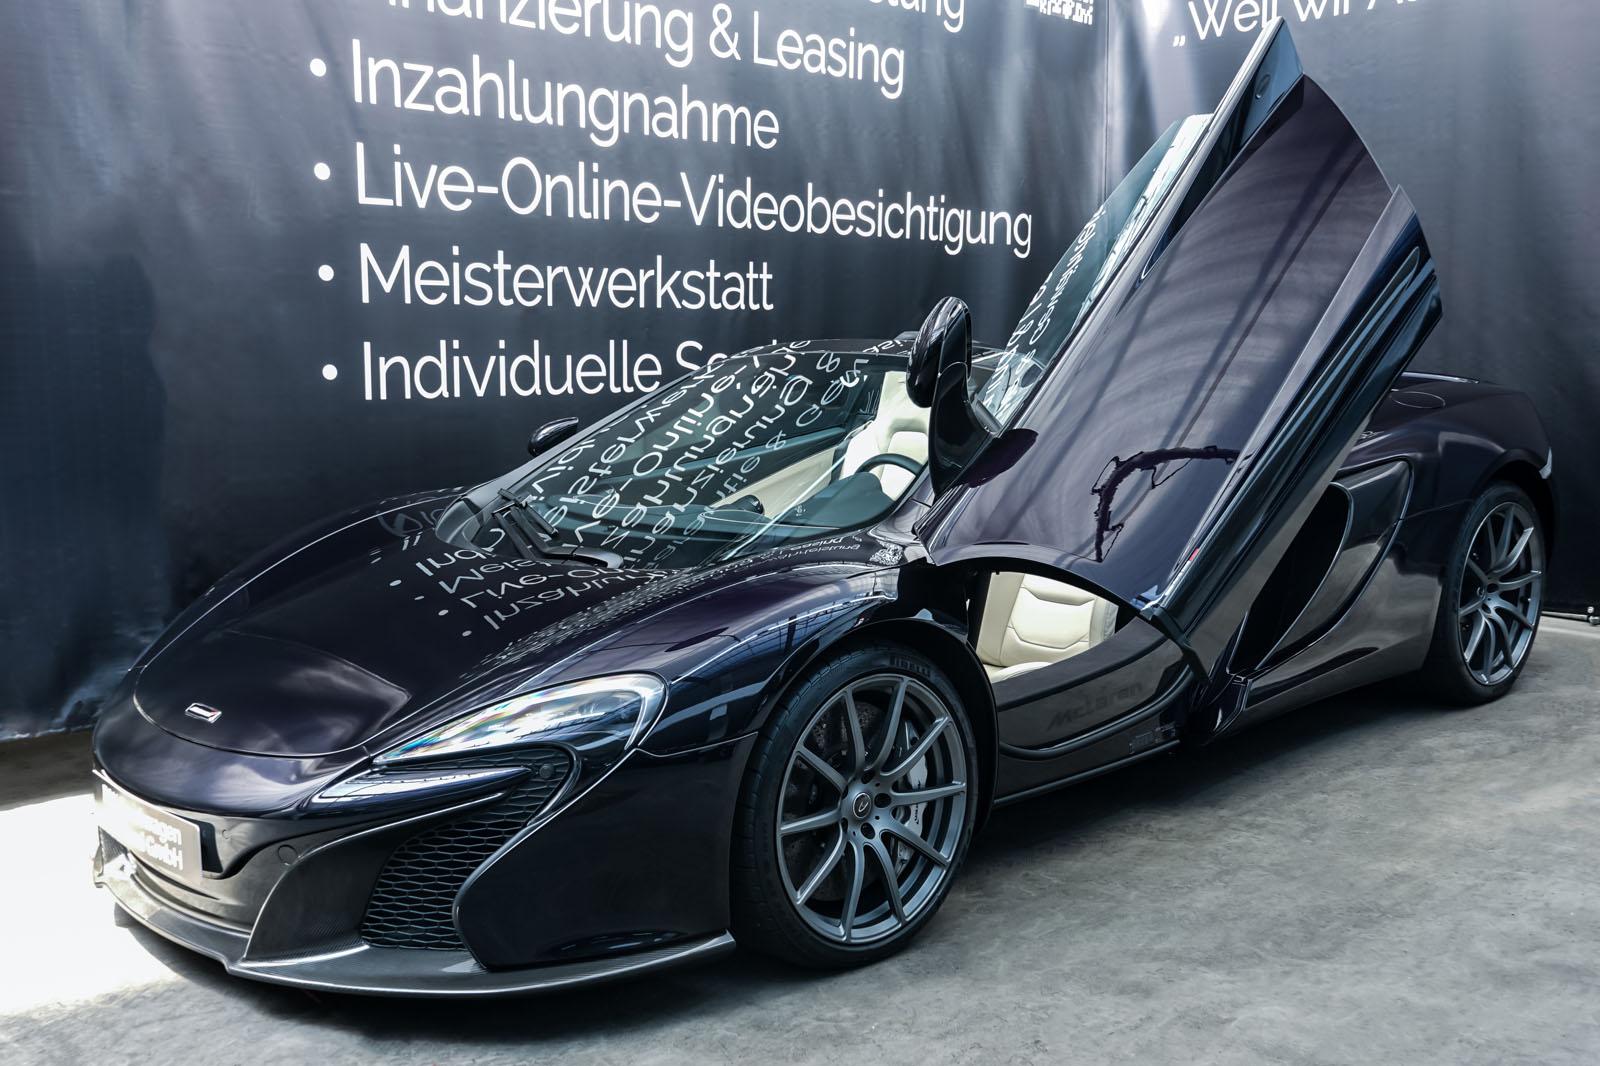 McLaren_650S_Spider_Schwarz_Weiß_MCL-6007_8_w